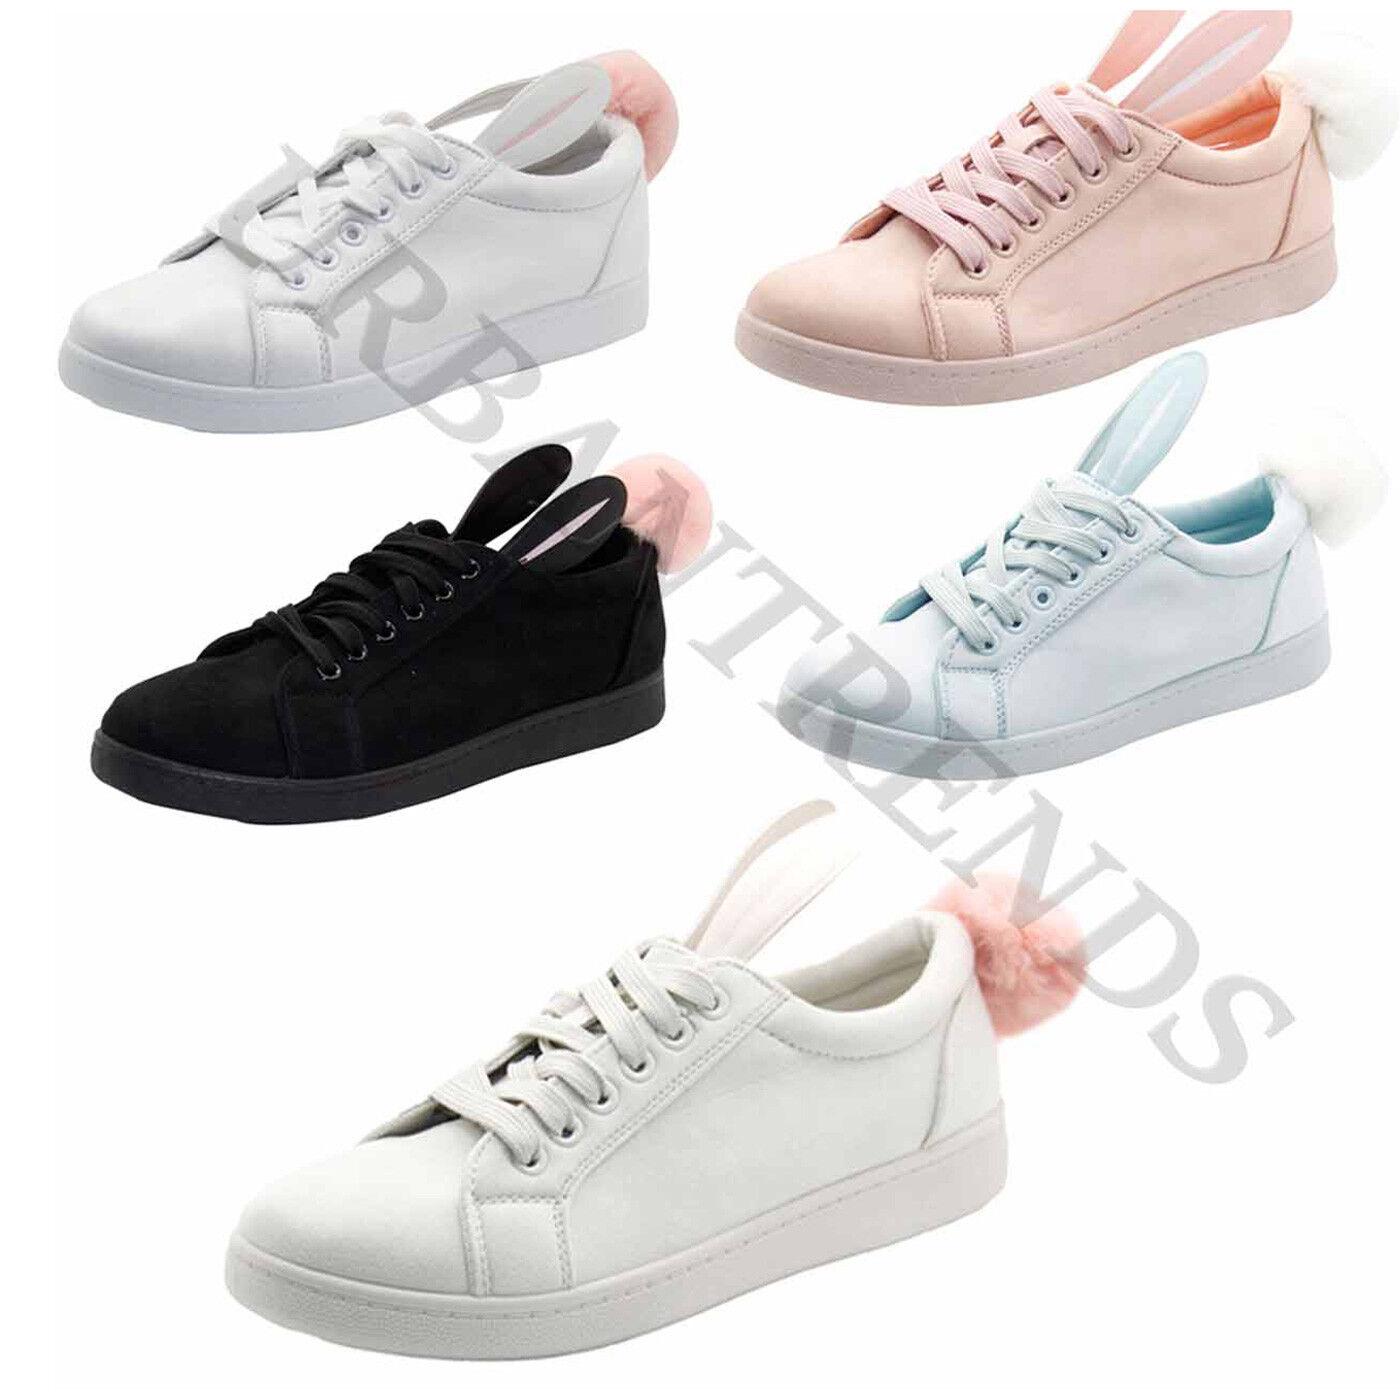 New Ladies Bunny Rabbit Ear Sneaker Pom Pom Fluffy Fur Sneaker Ear Women Flat Trainers Shoes 21a2dc